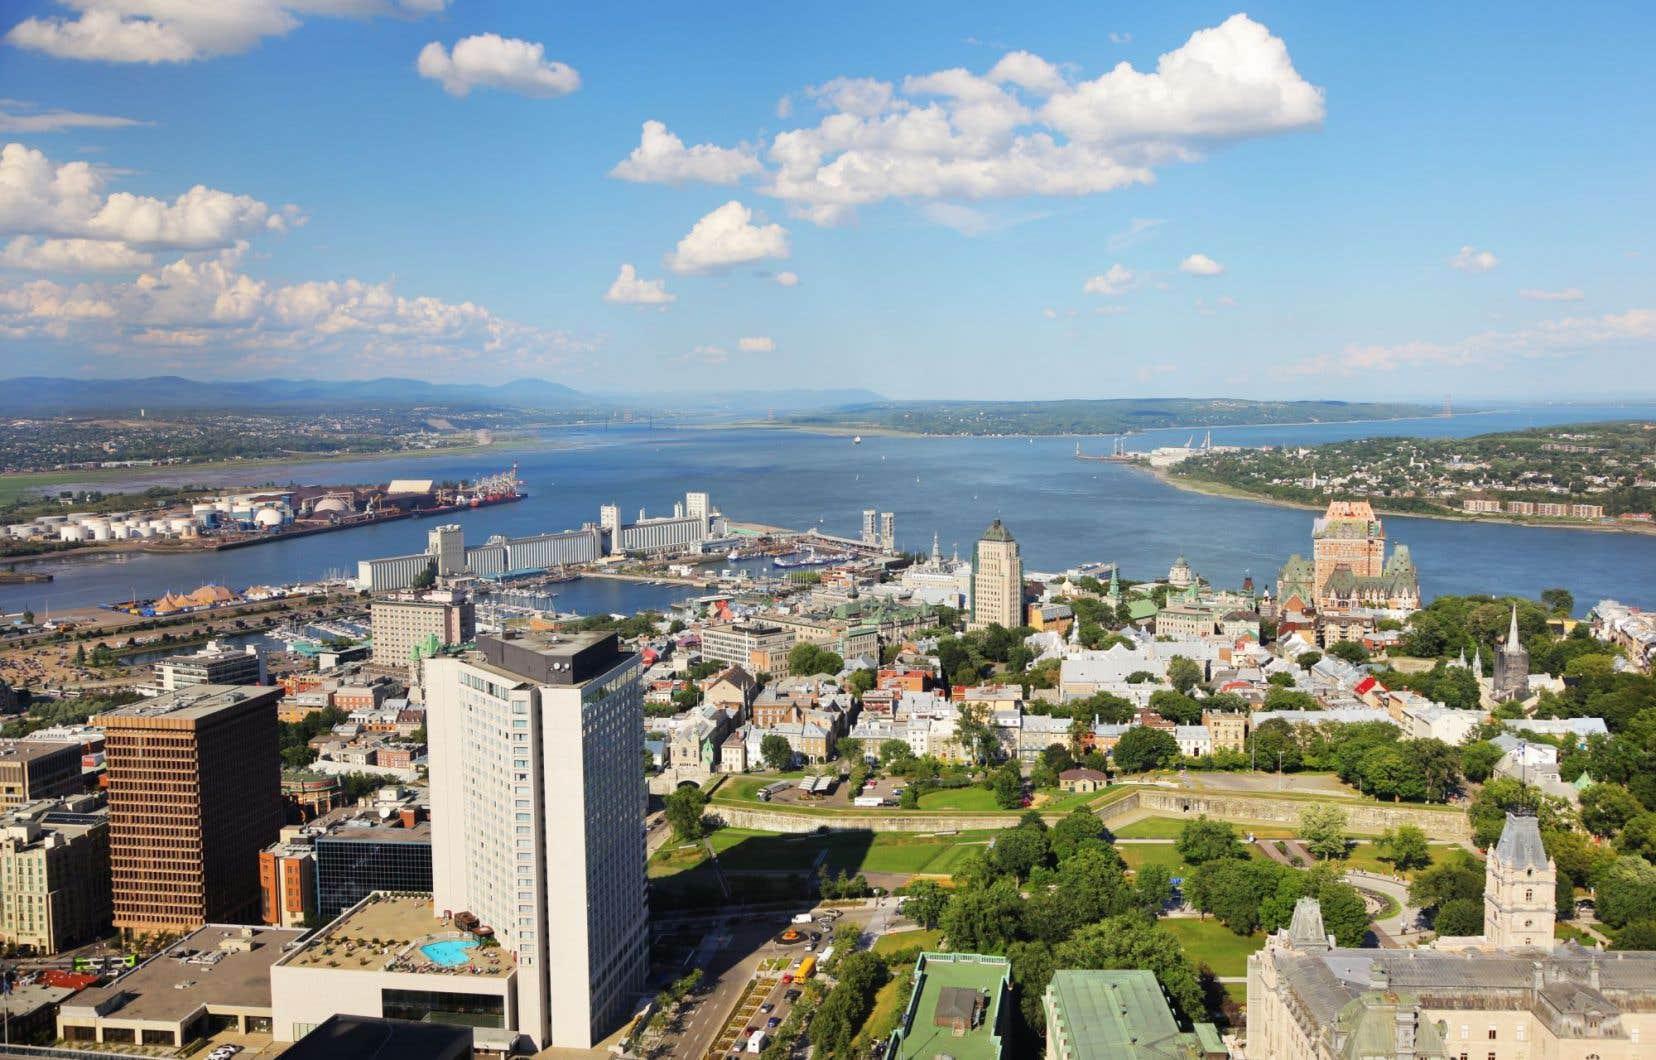 <p>«Dans sa forme la plus récente, l'énigme de Québec se confirme par le succès du Parti conservateur dans la région depuis l'élection fédérale de 2006», suggère l'auteur.</p>